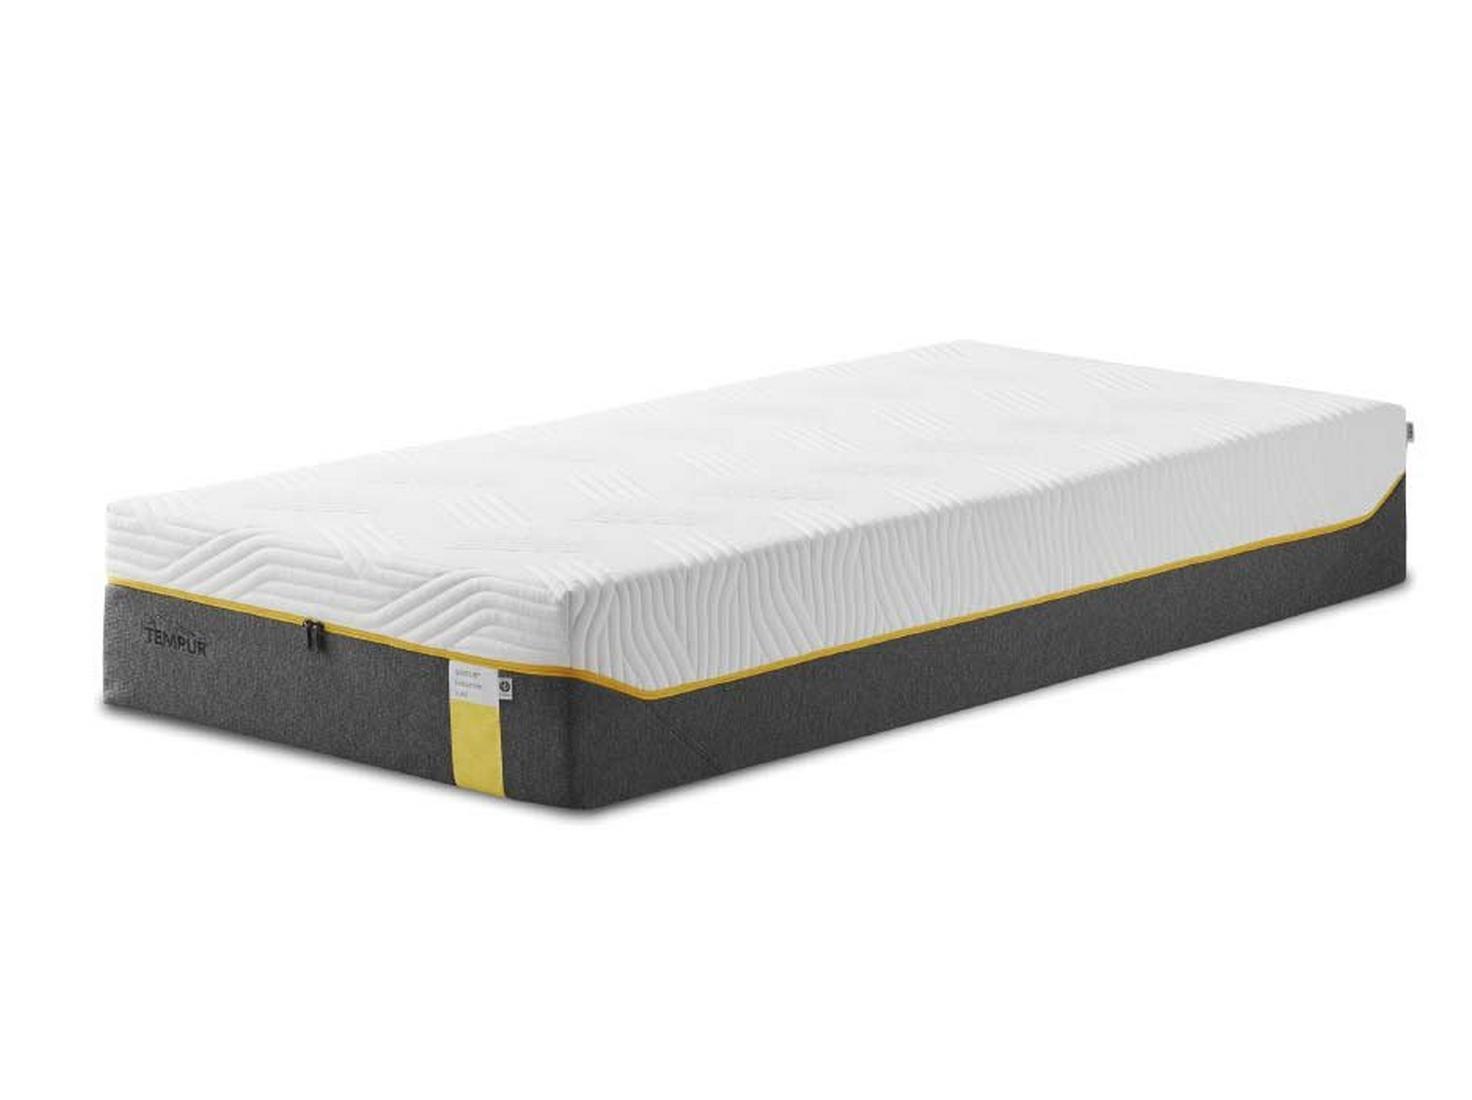 【送料無料】 テンピュール マットレス センセーションリュクス30 tempur Sensation Luxe30 センセーション リュクス30 寝具 シングルサイズ(代引対象外)